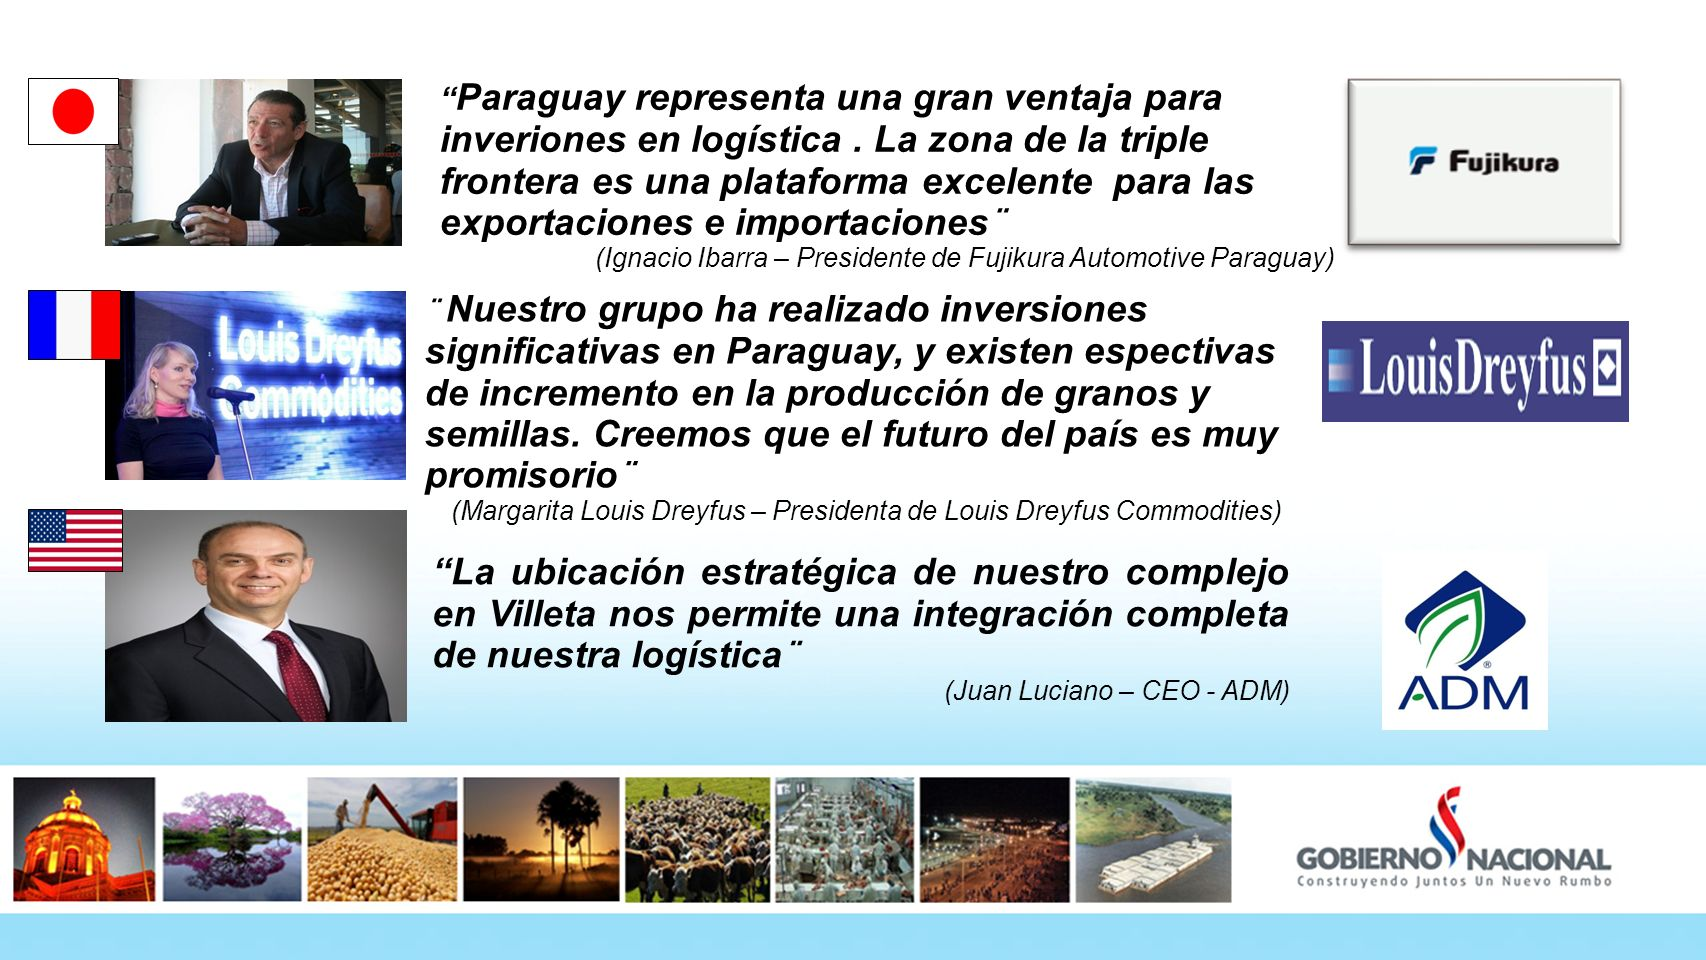 Paraguay representa una gran ventaja para inveriones en logística